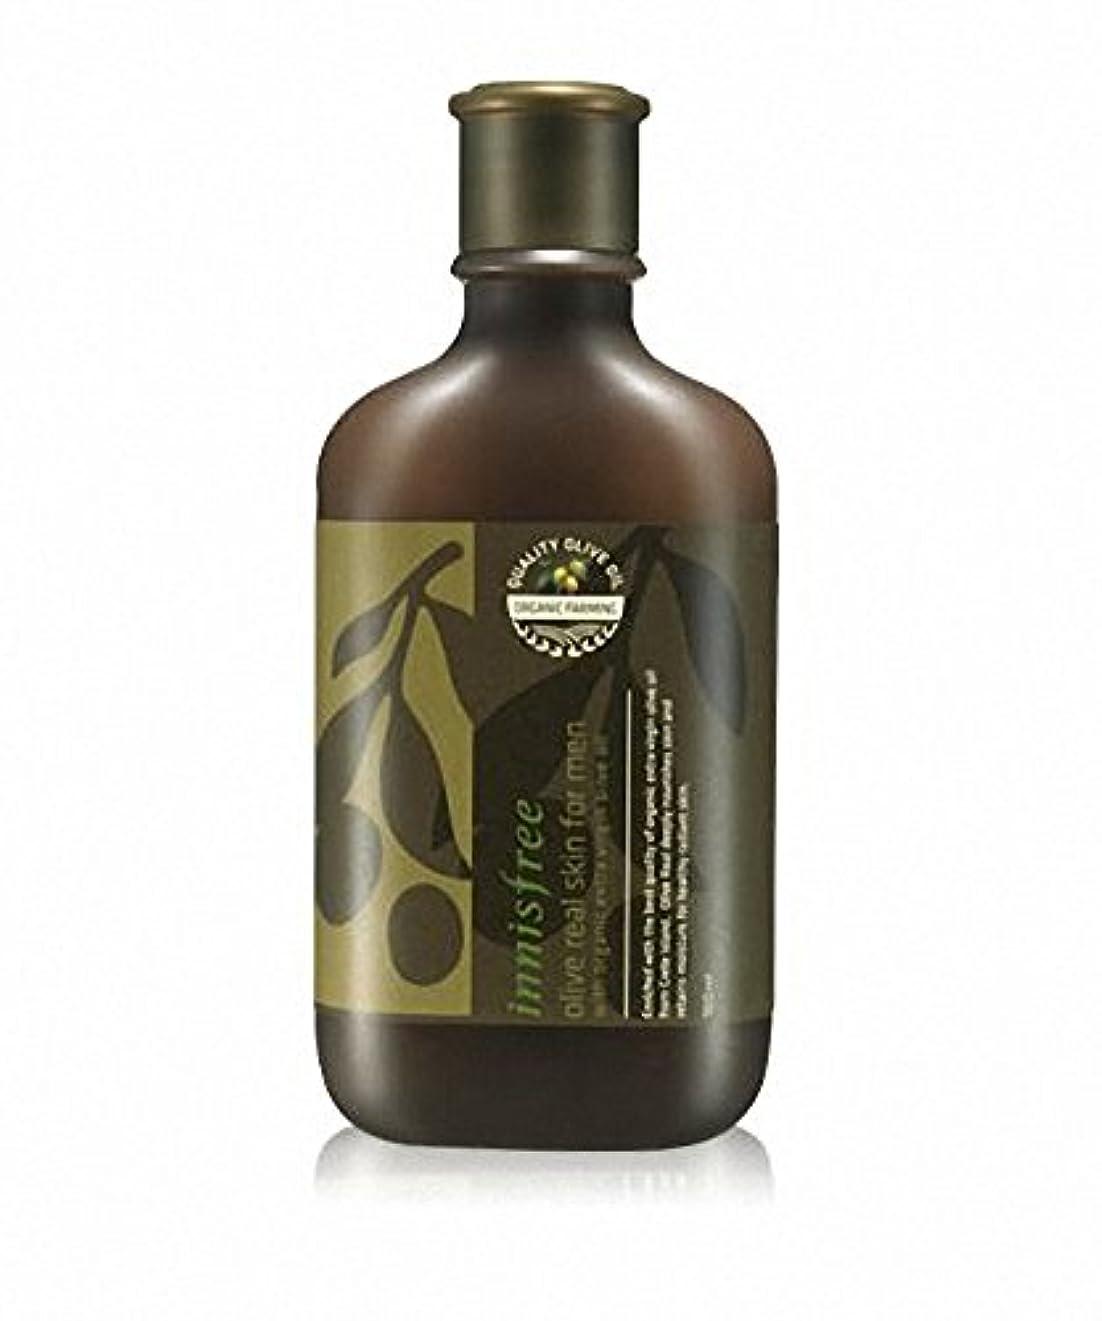 つかむ何よりも答え[イニスフリー] Innisfree オリーブリアルスキンフォアマン(150ml) Innisfree Olive Real Skin For Men(150ml)  [海外直送品]